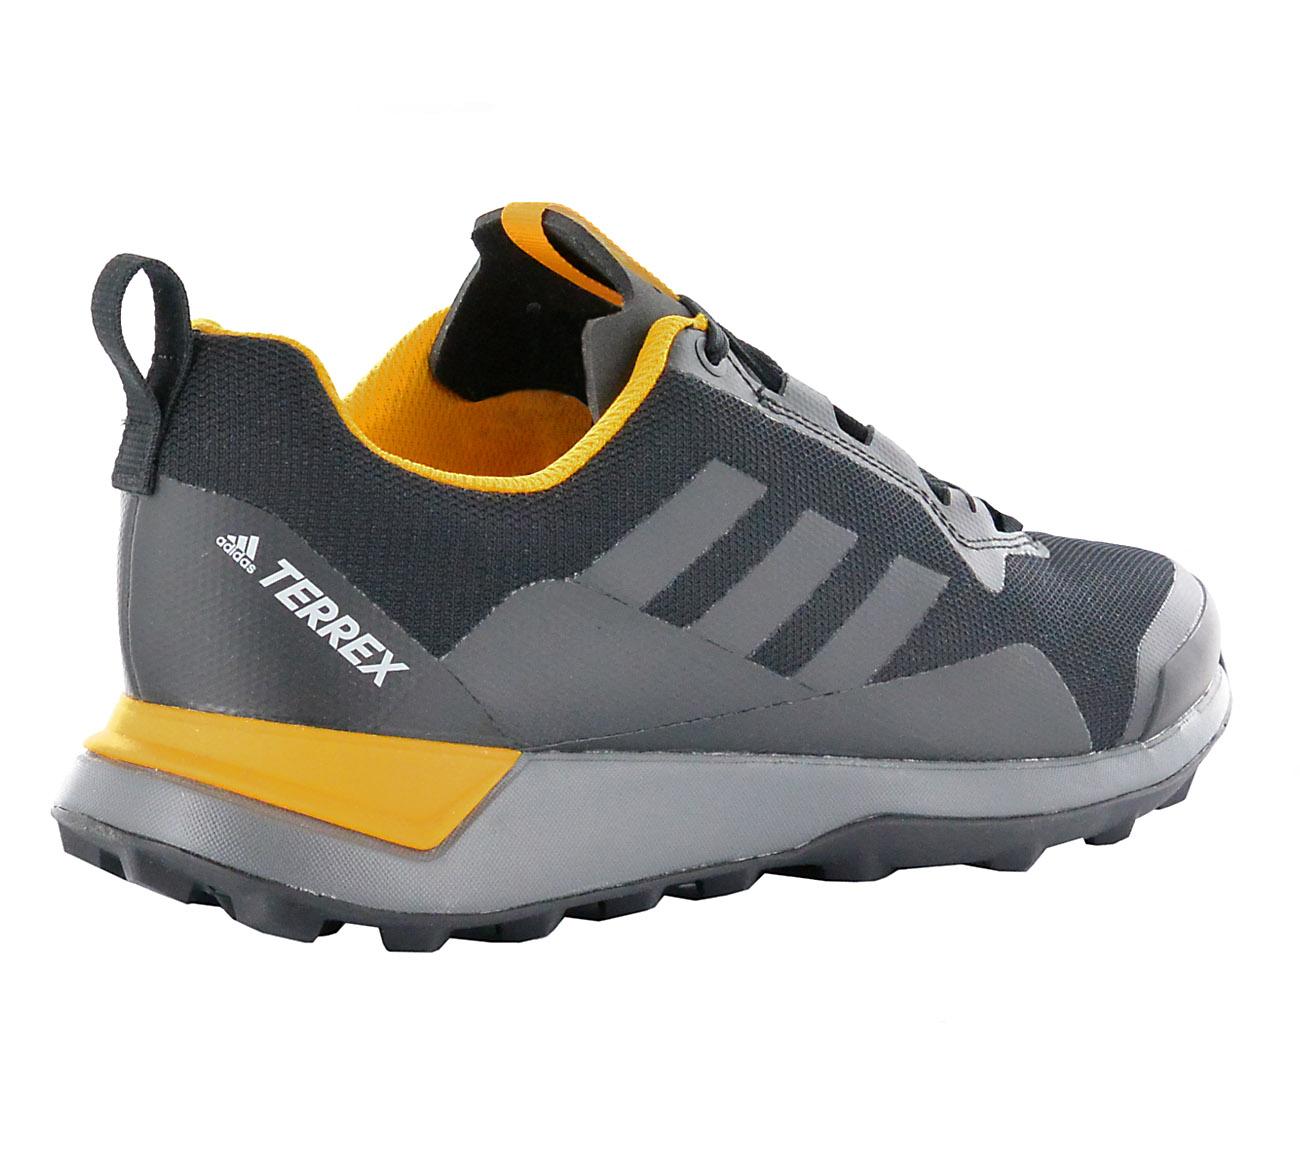 Adidas terrex cmtk scarpe, scarpe da trekking in mountain bike trekking nero